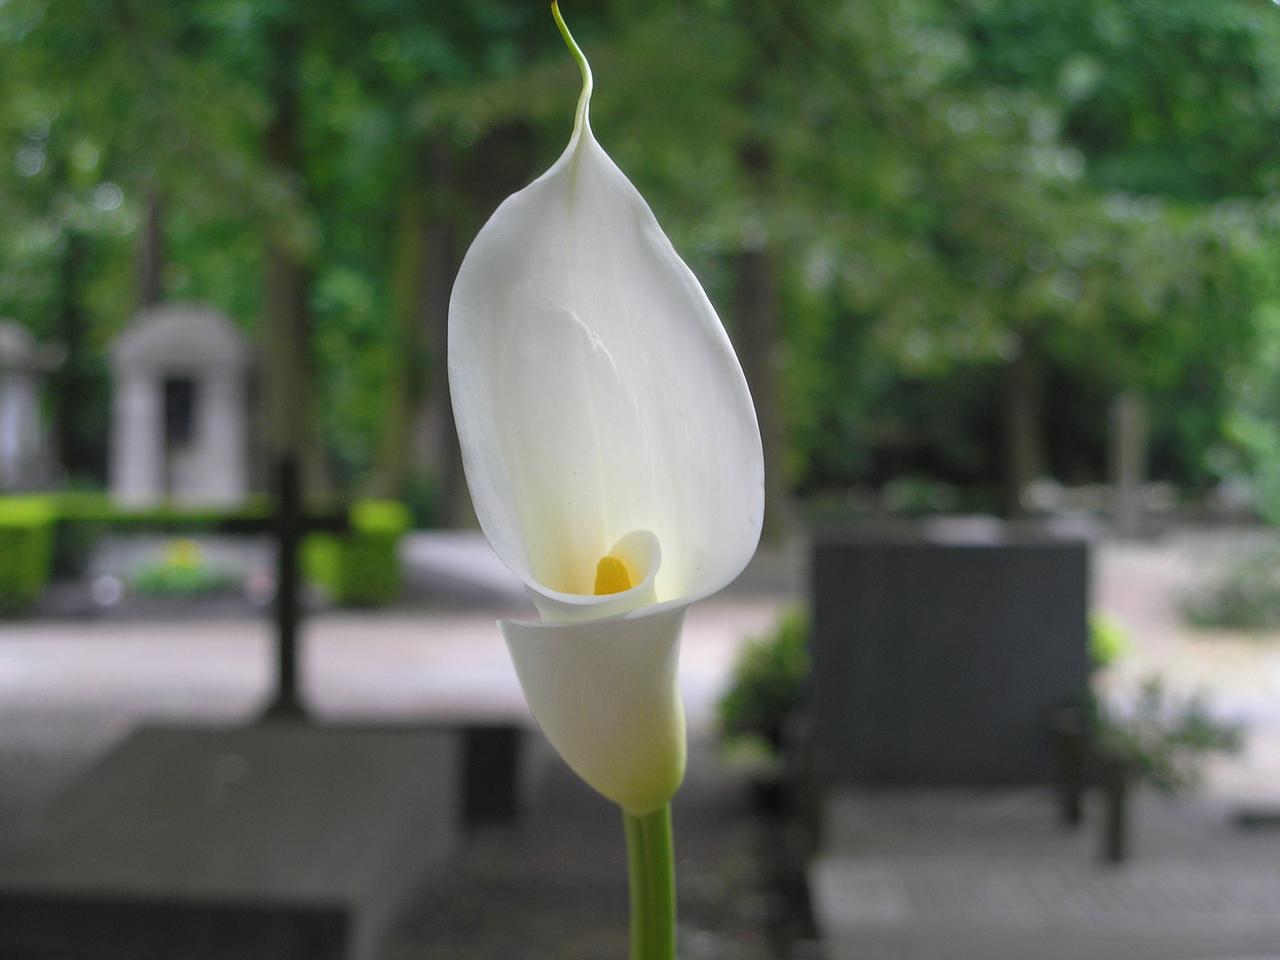 Prezzi funerali low cost con cremazione Canegrate